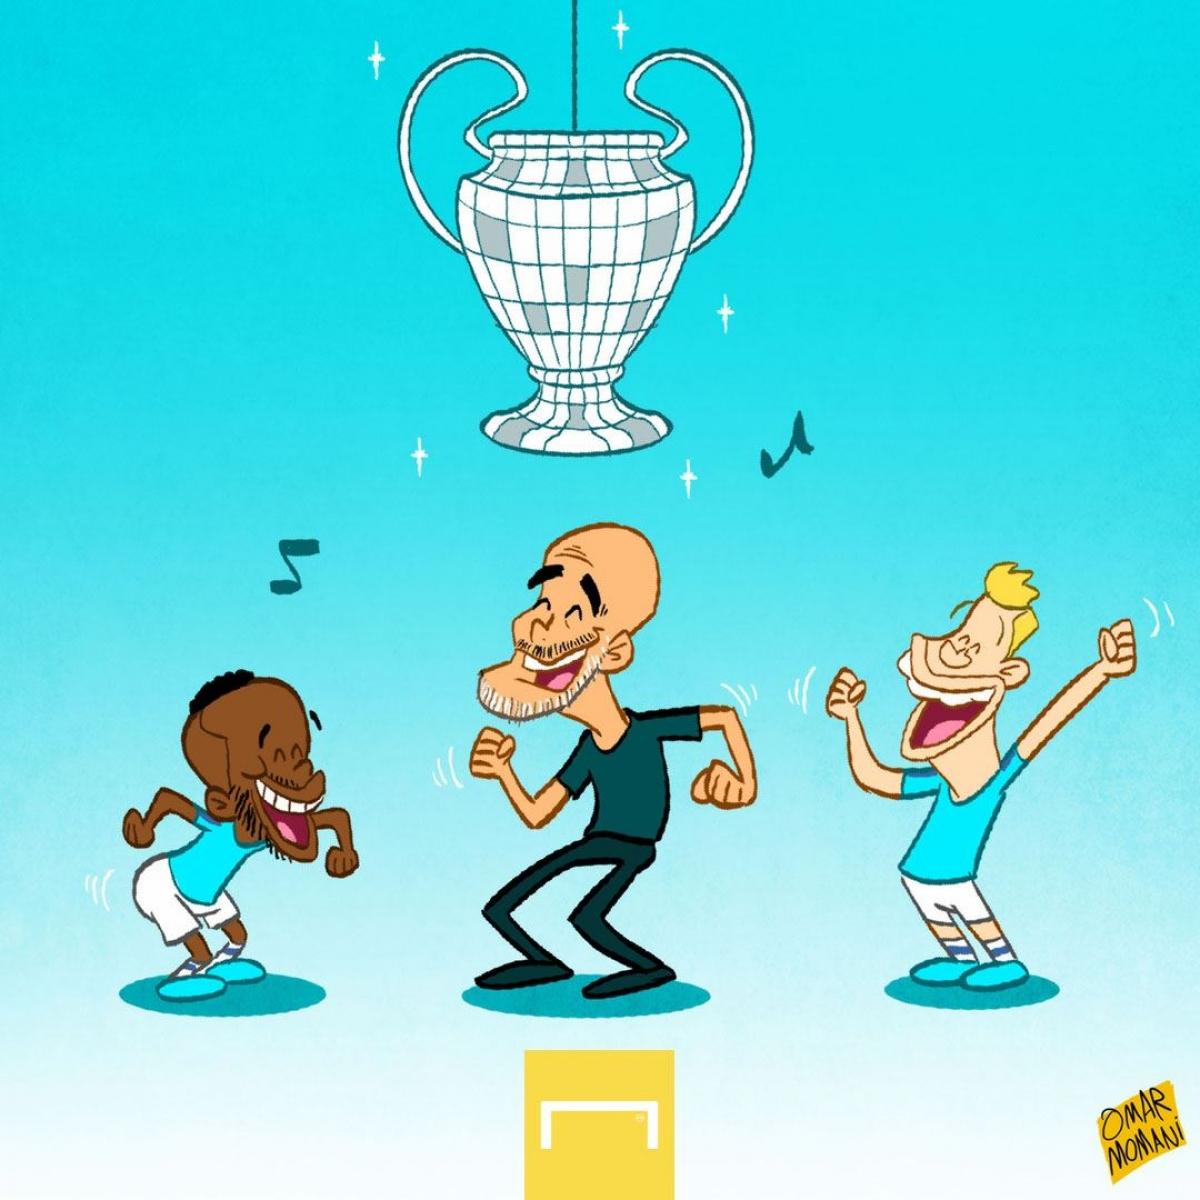 HLV Pep Guardiola và các học trò có thành tích thi đấu ấn tượng ở vòng bảng Champions League, khi giành tới 16 điểm.